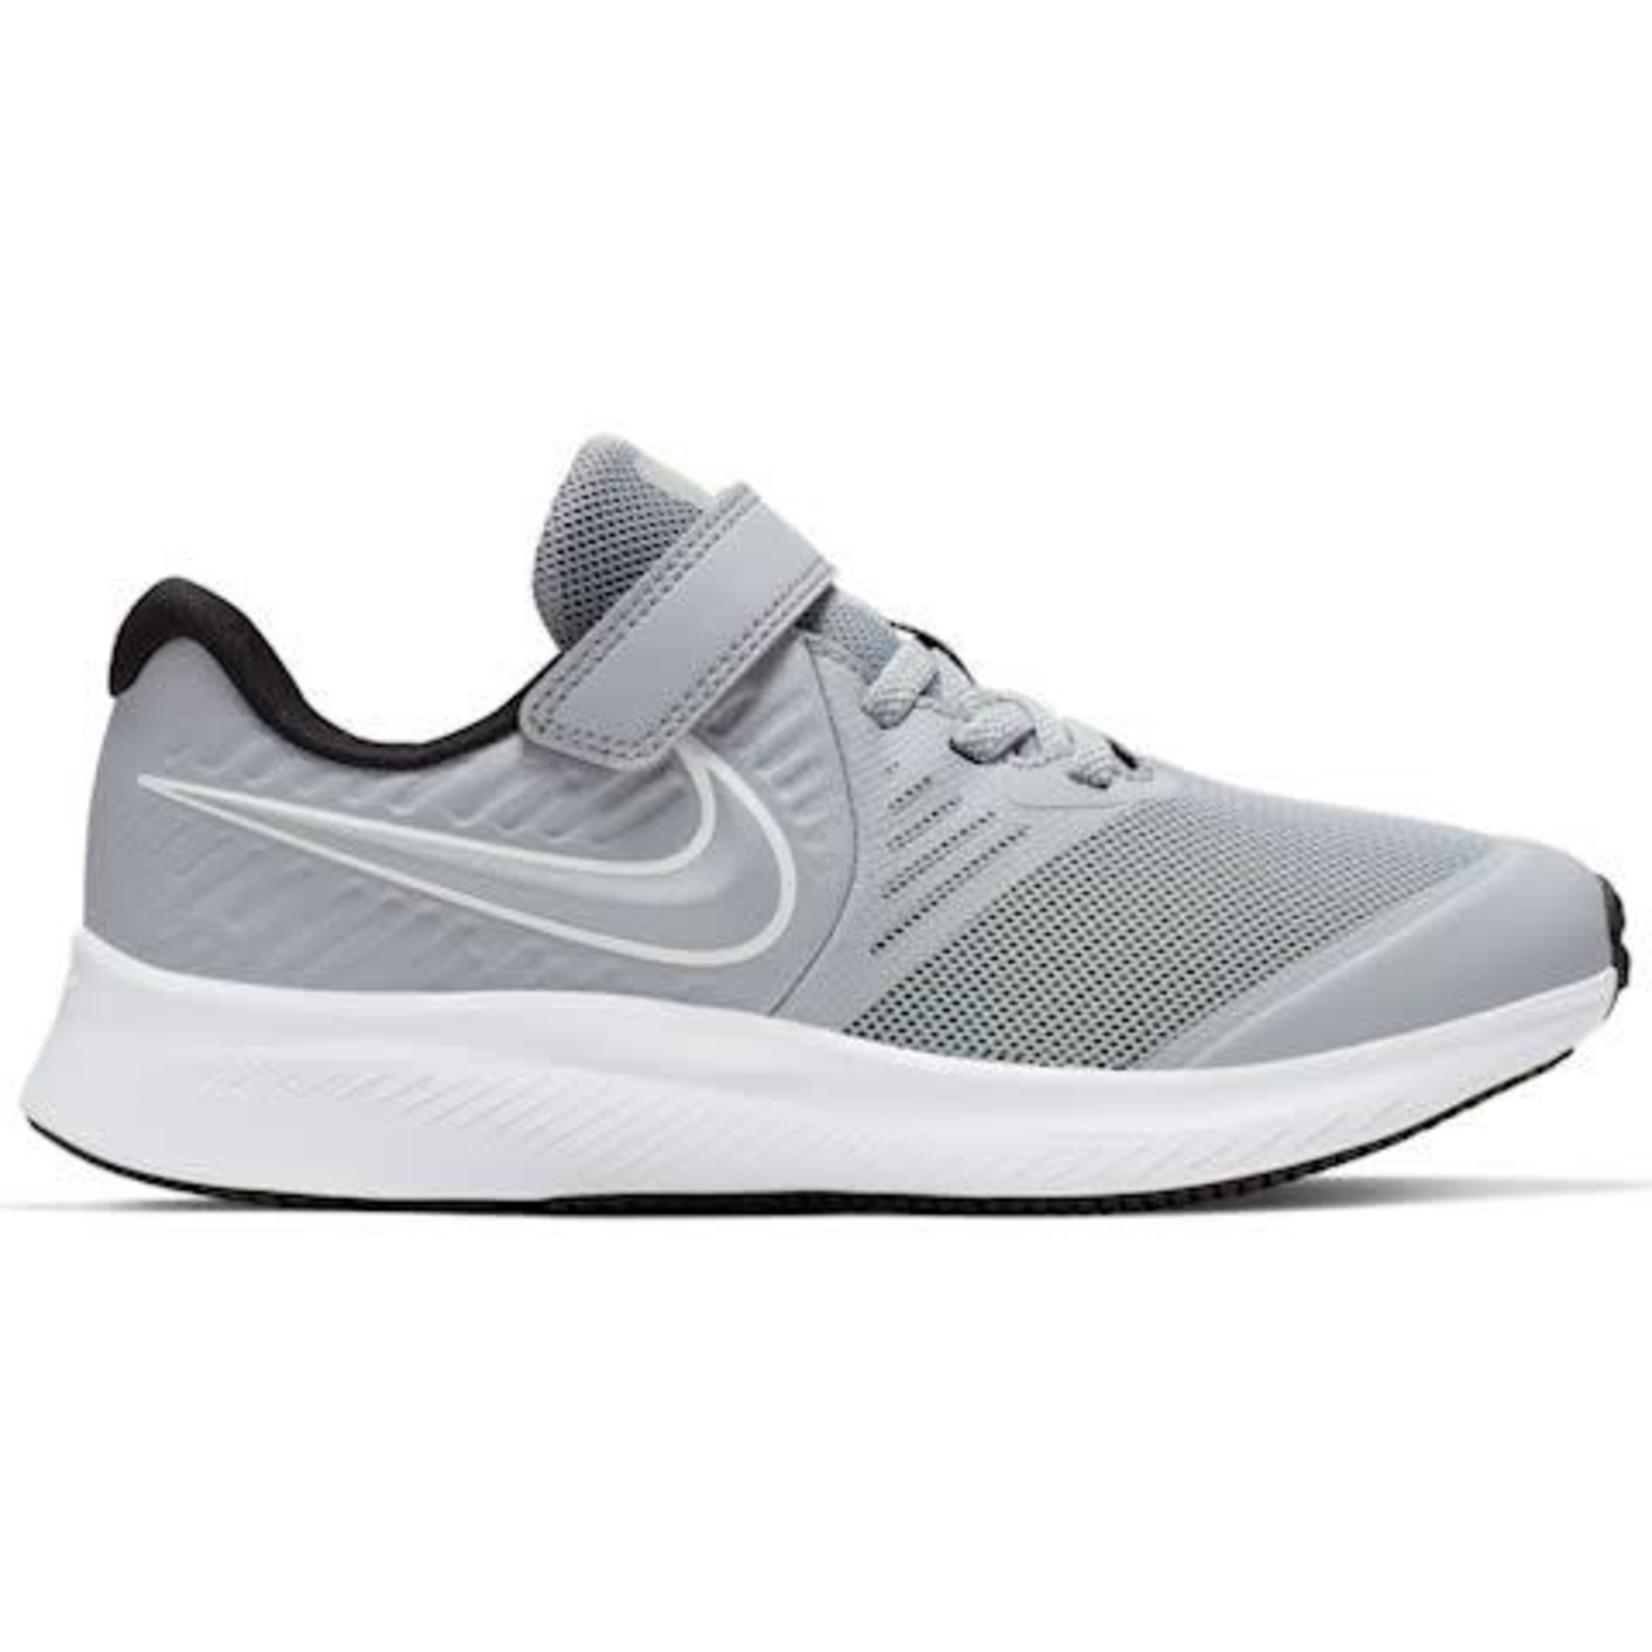 Nike Nike Running Shoes, Star Runner 2, Girls